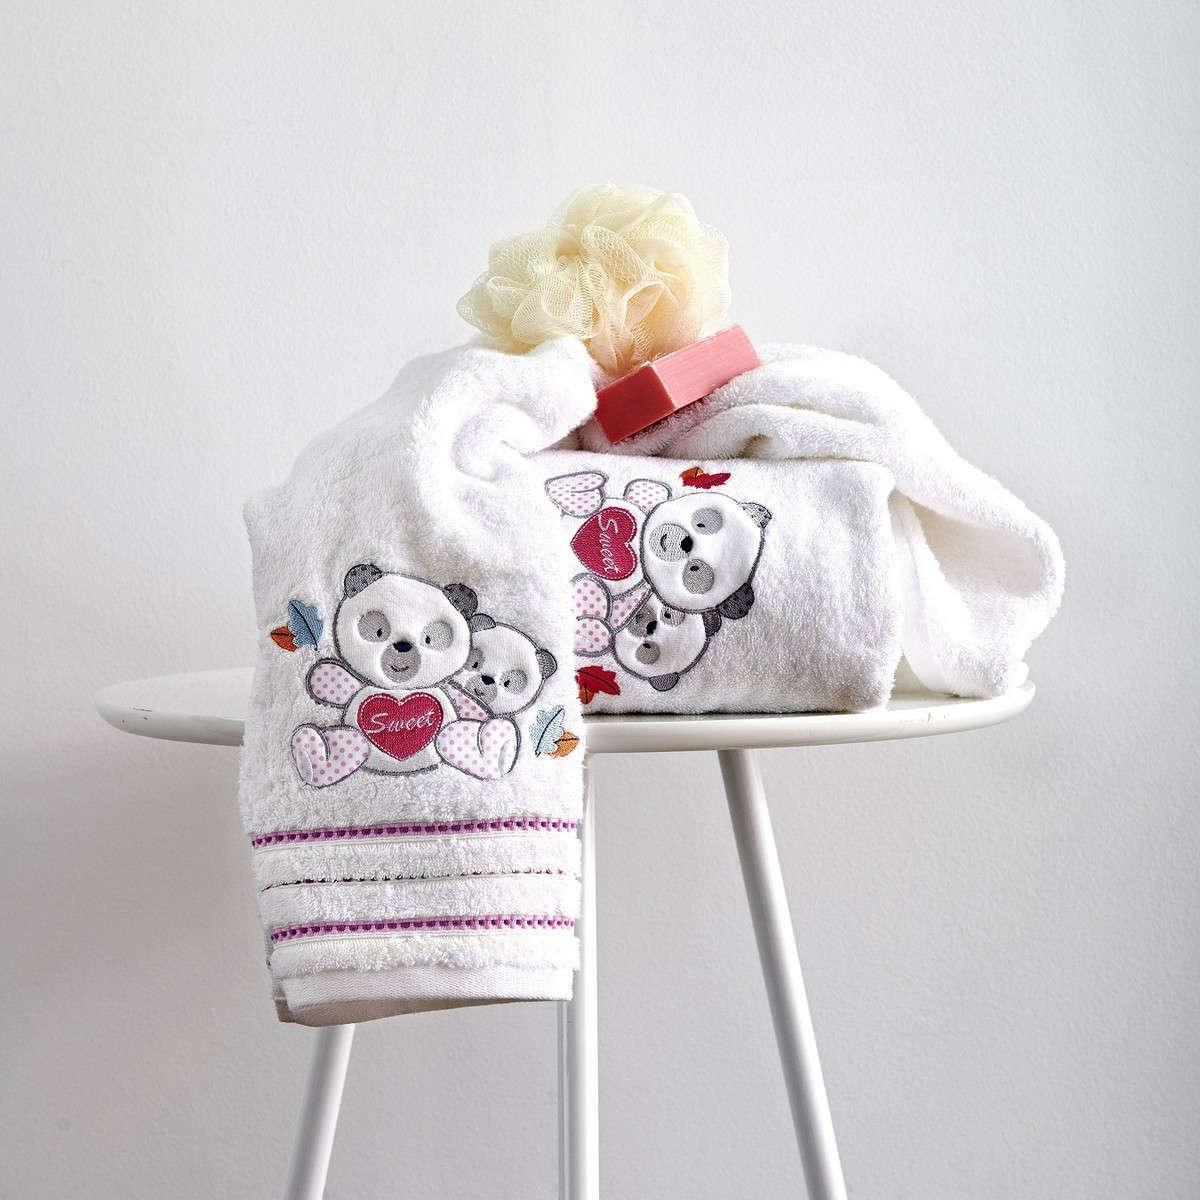 Πετσέτες Σετ Βρεφικές 2Τεμ. Με Κέντημα Panda Pink Sb Home Σετ Πετσέτες